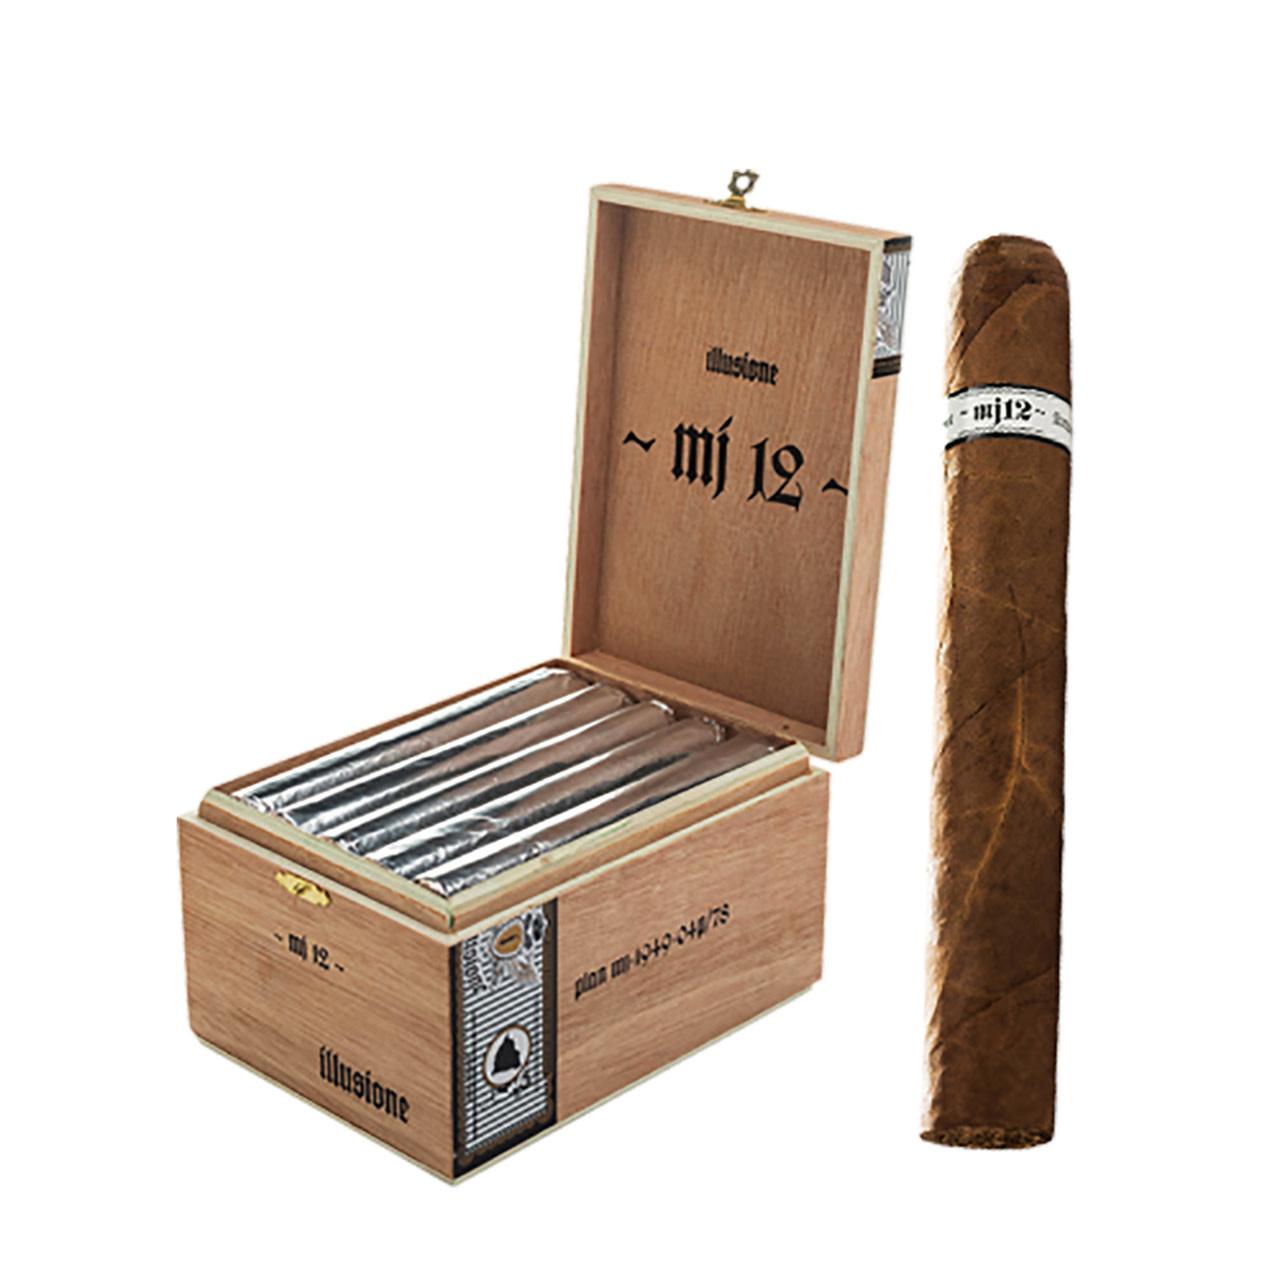 ILLUSIONE ILLUSIONE MJ12 MADURO 20CT BOX